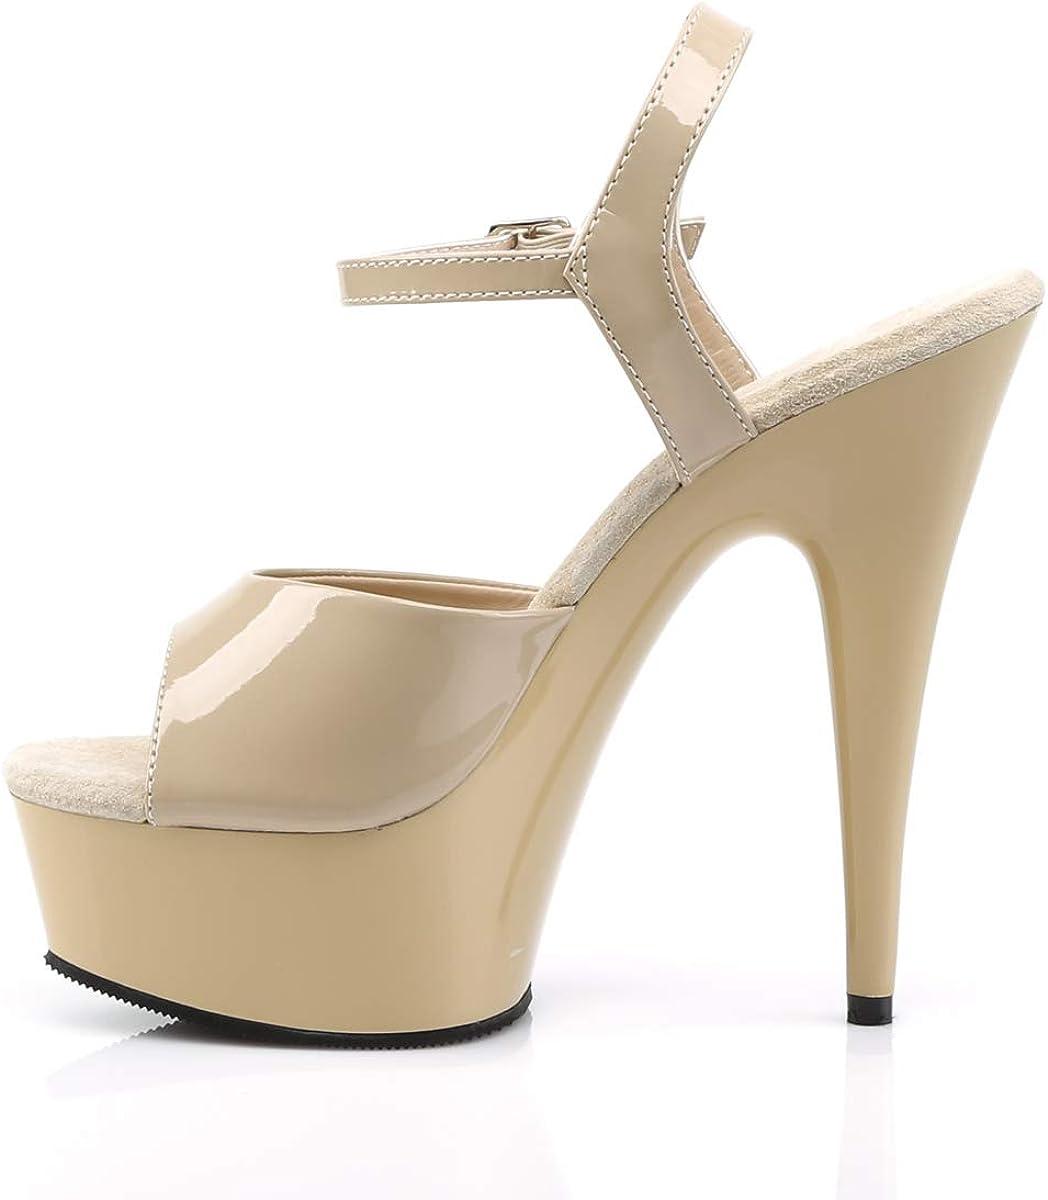 Pleaser Womens Delight-609 Sandal